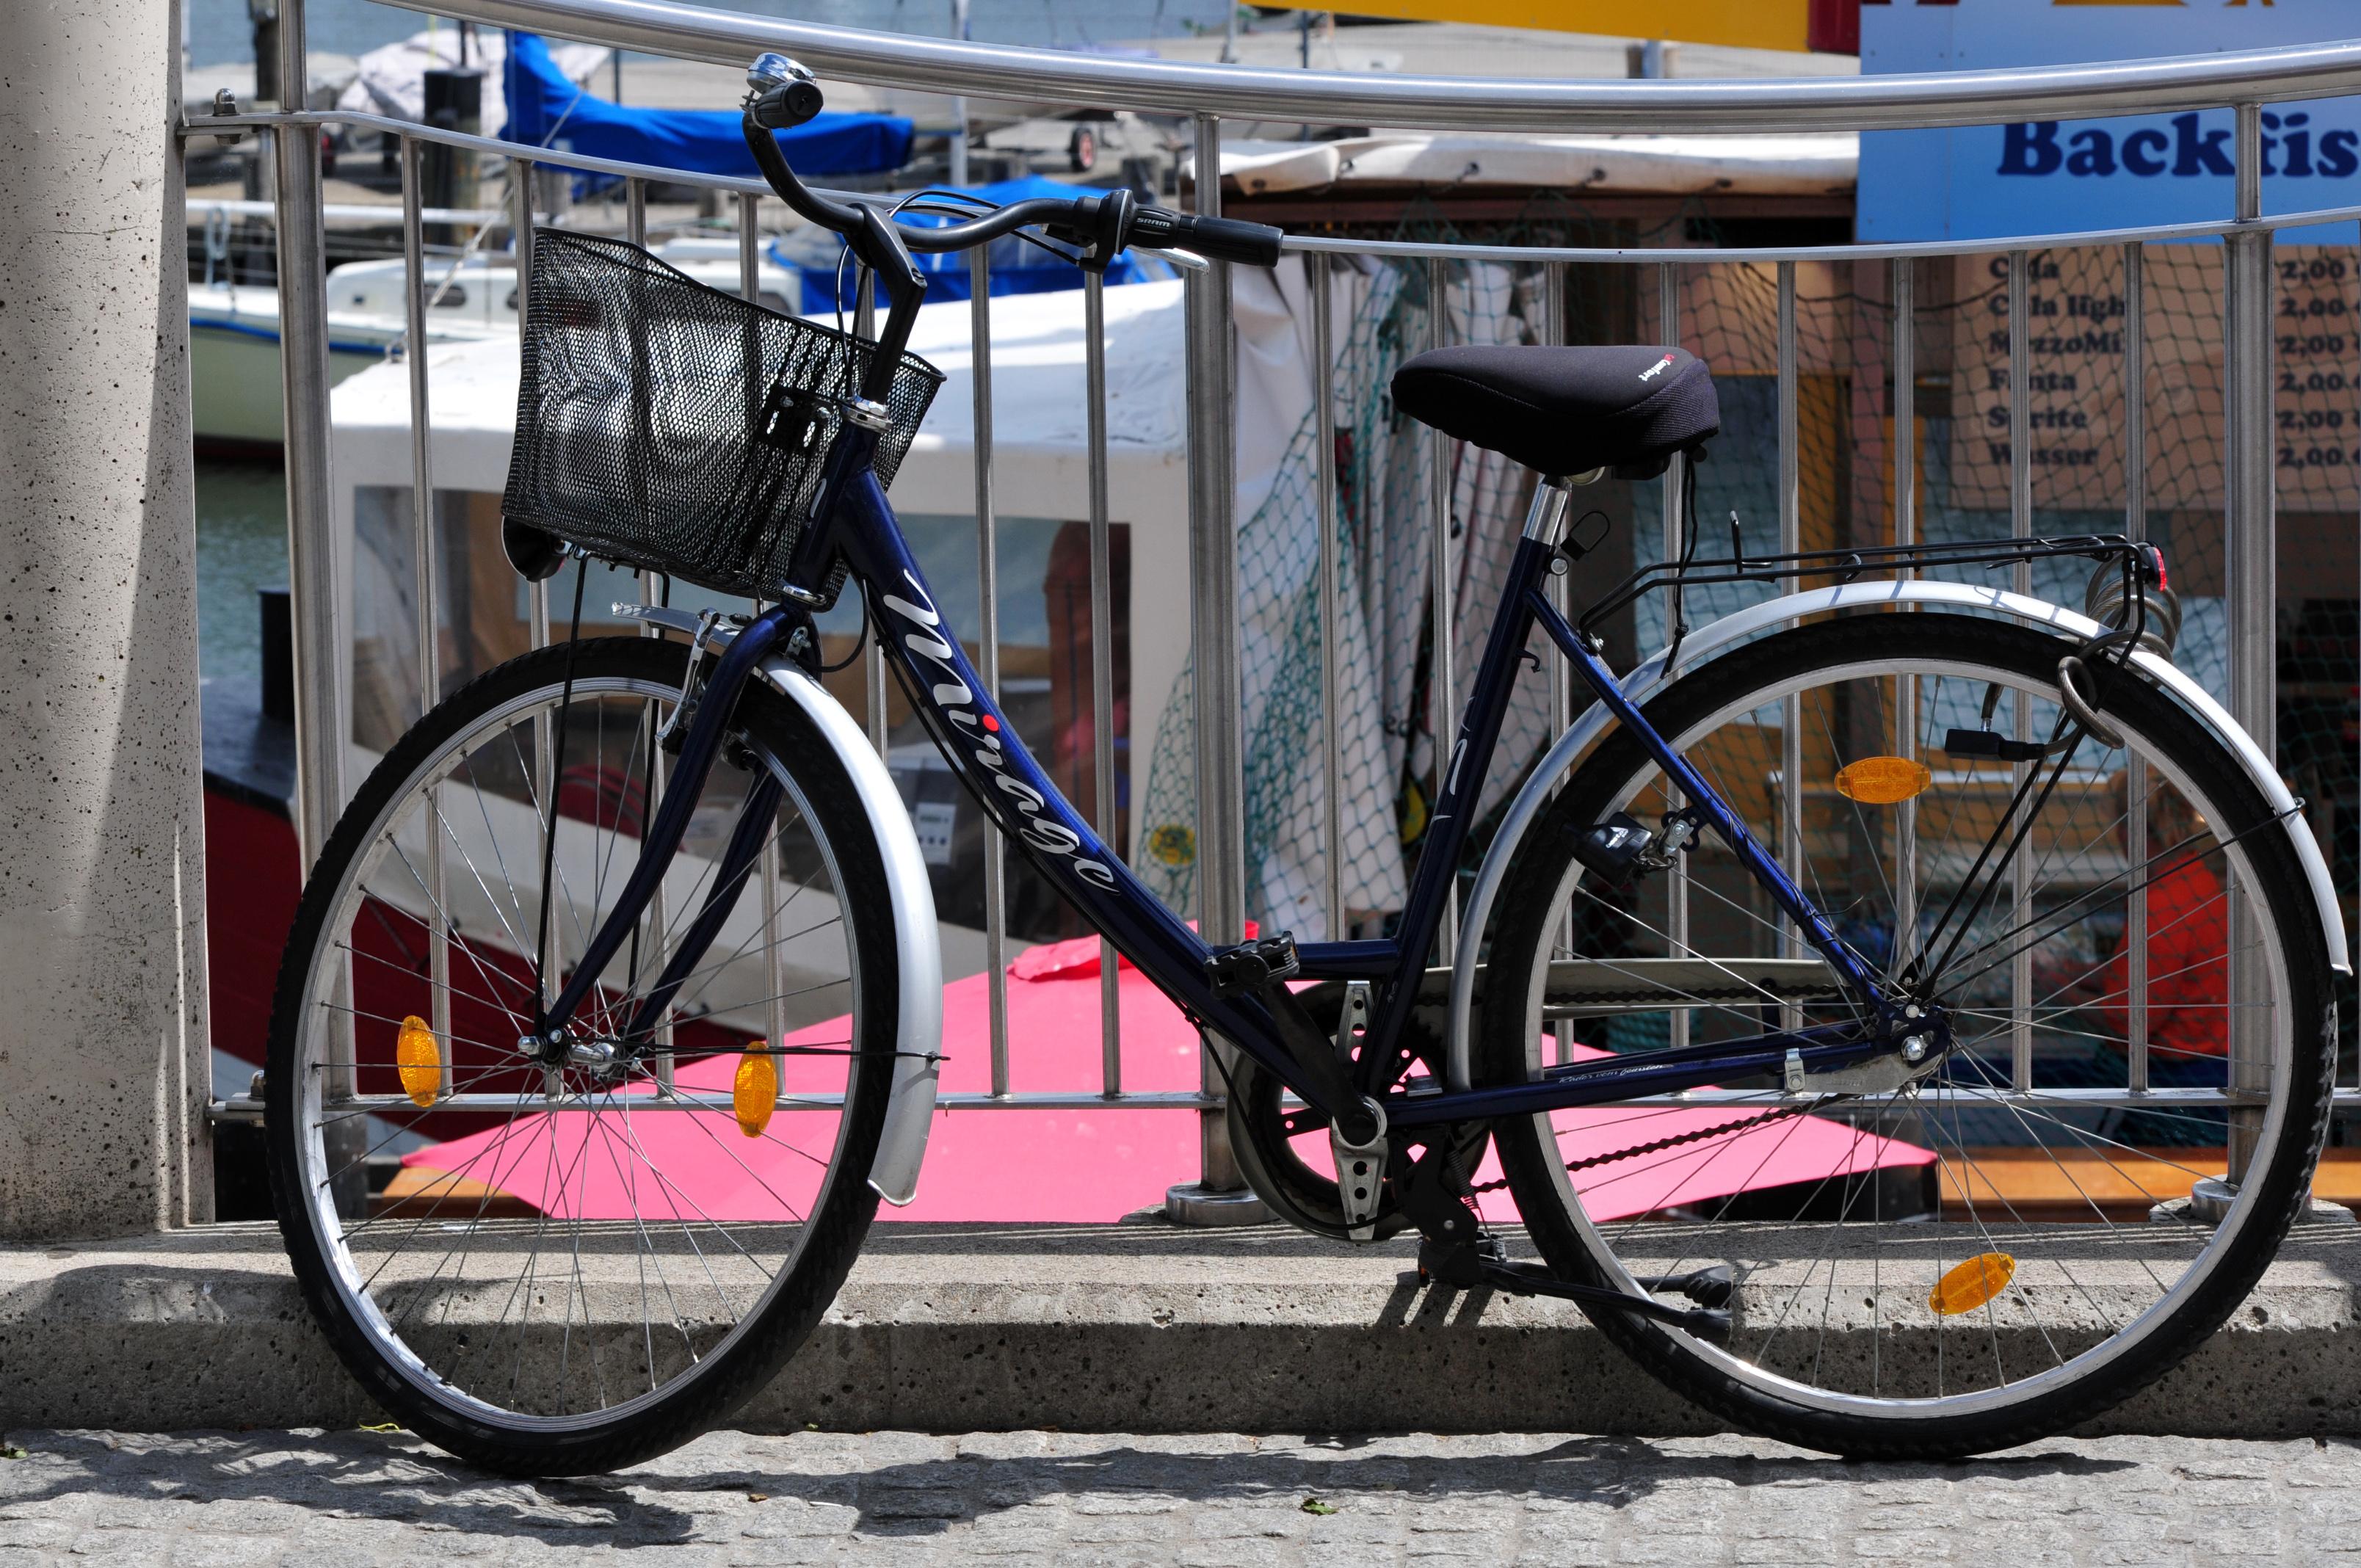 12-06-09-fahrrad-by-ralfr-03.jpg